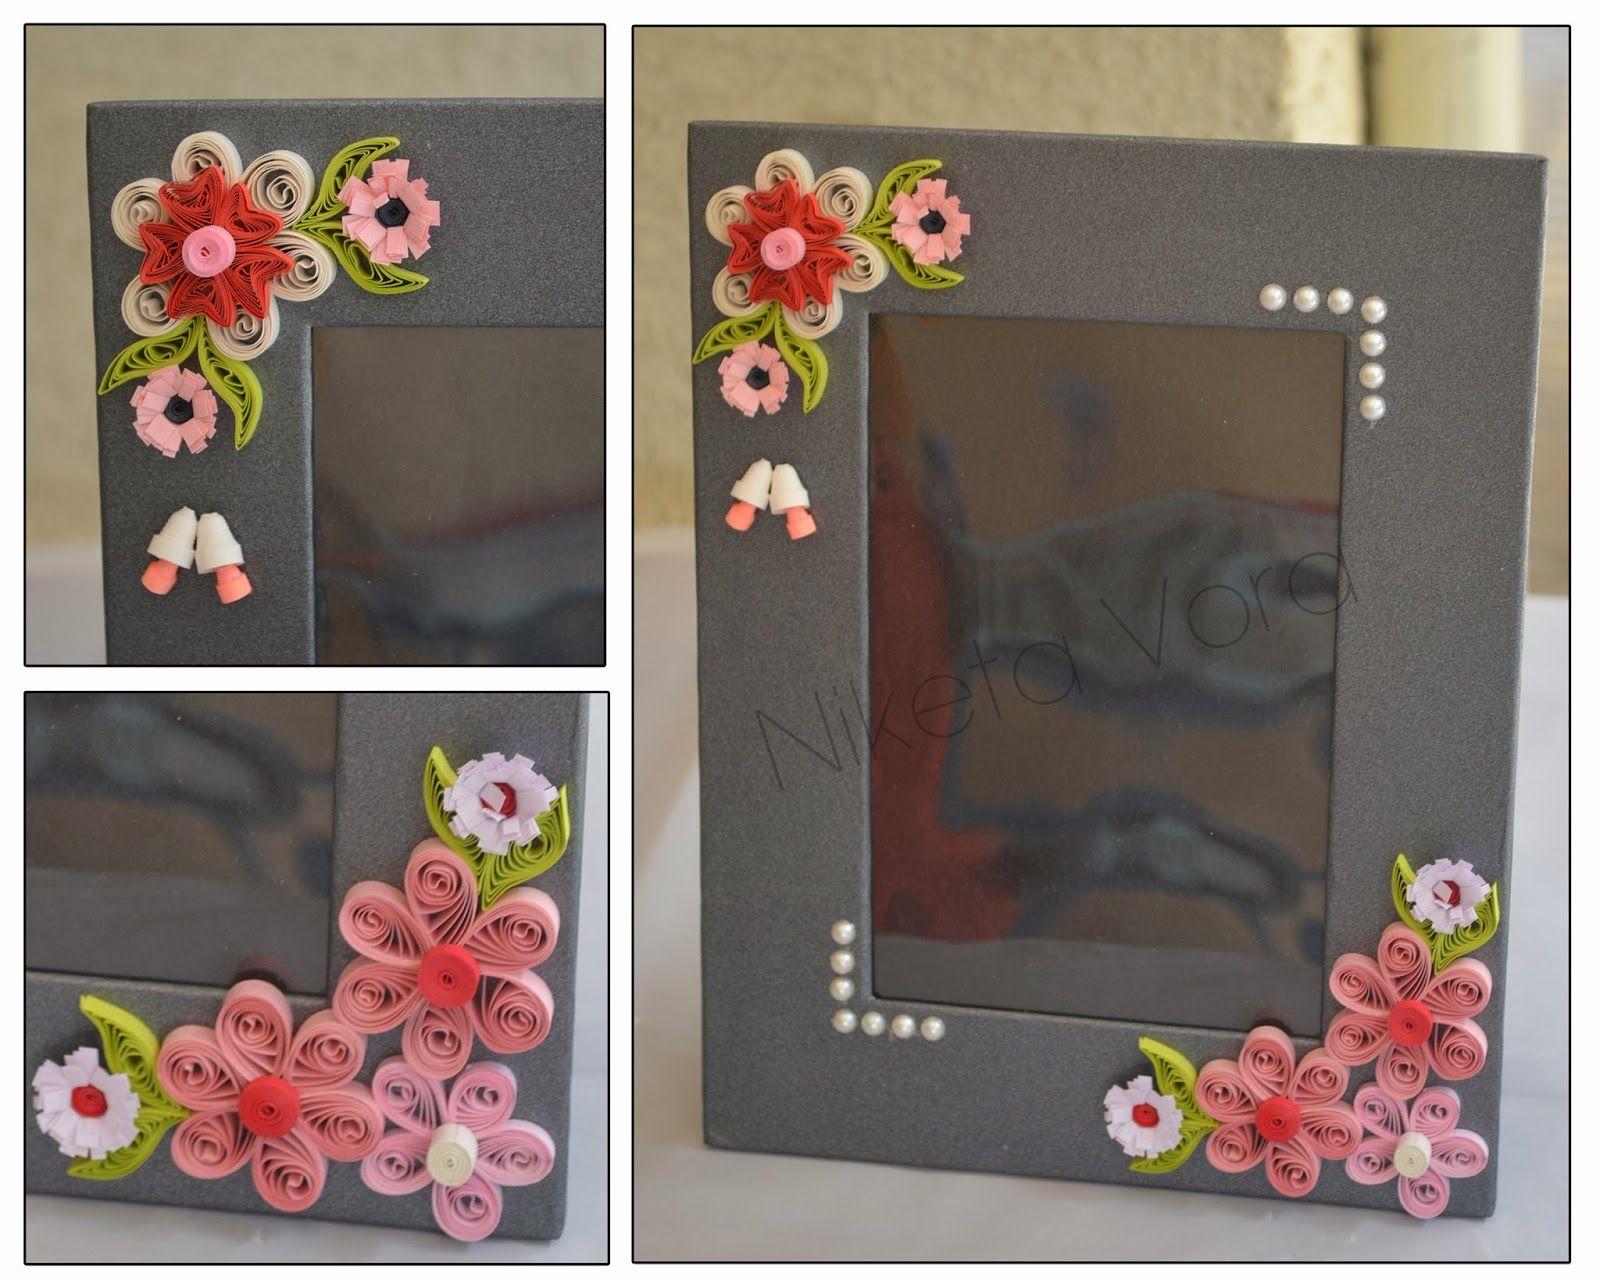 Niketa   creative corner quilled photo frame also best frames images cadre do crafts rh pinterest